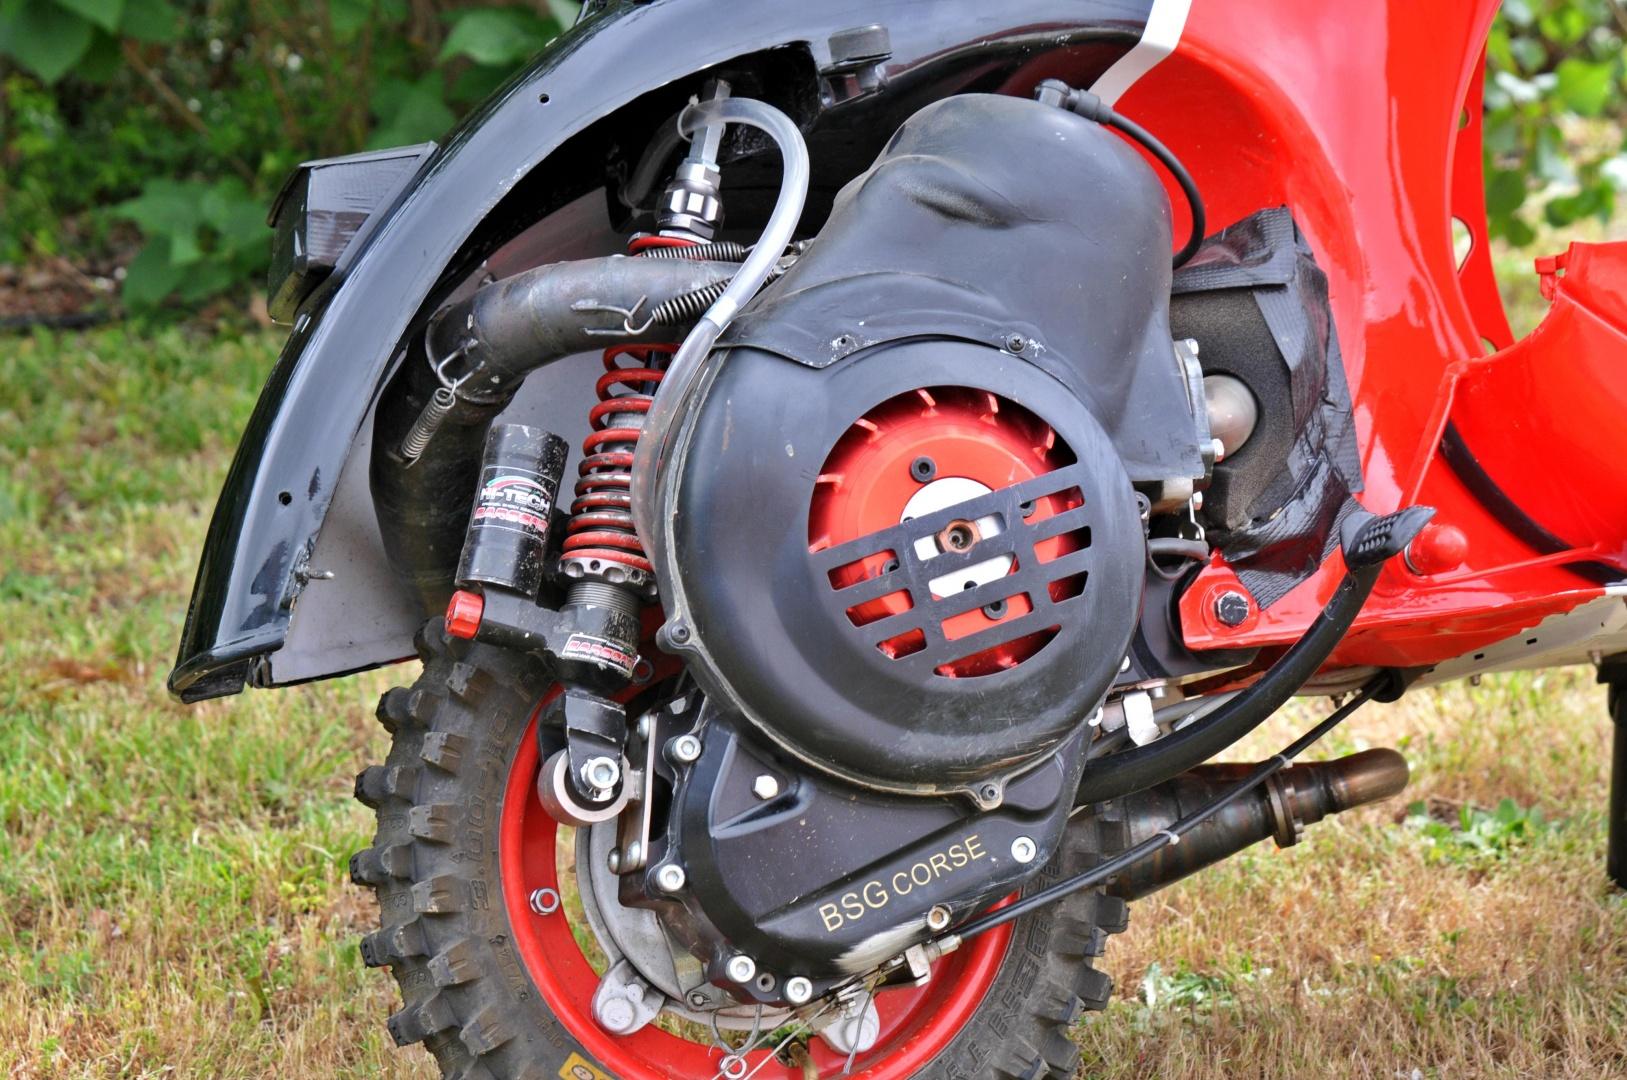 Vespa racing 38 cv